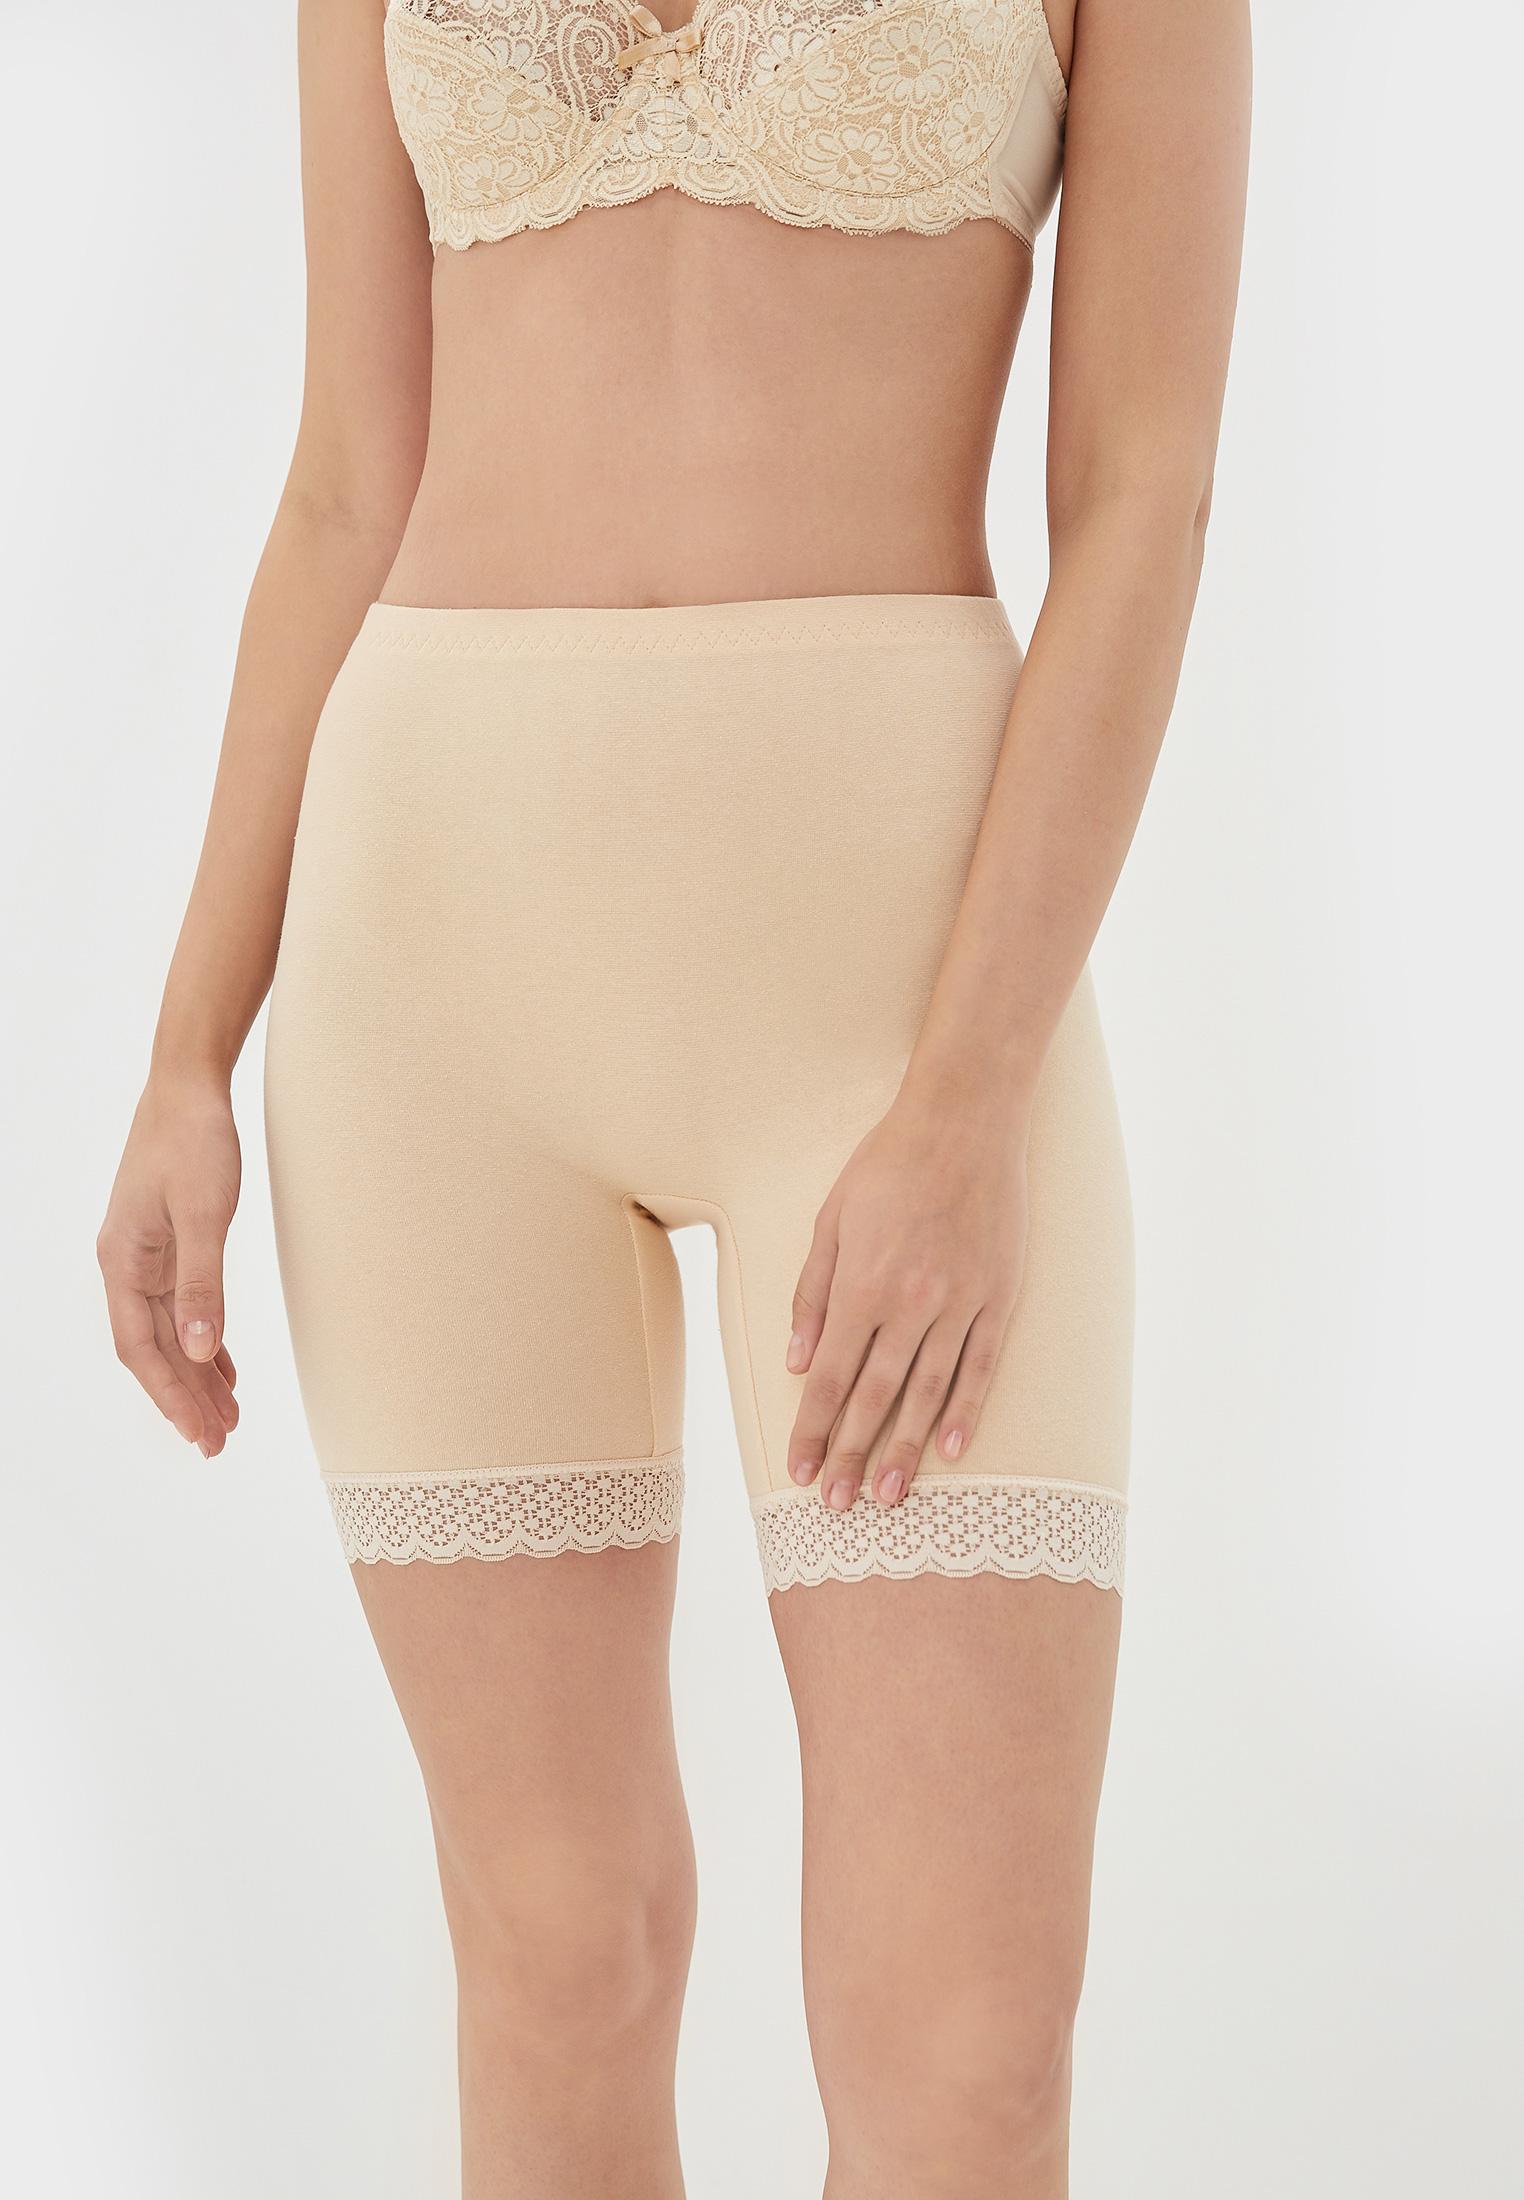 Панталоны женские НОВОЕ ВРЕМЯ T014 бежевые 44 RU